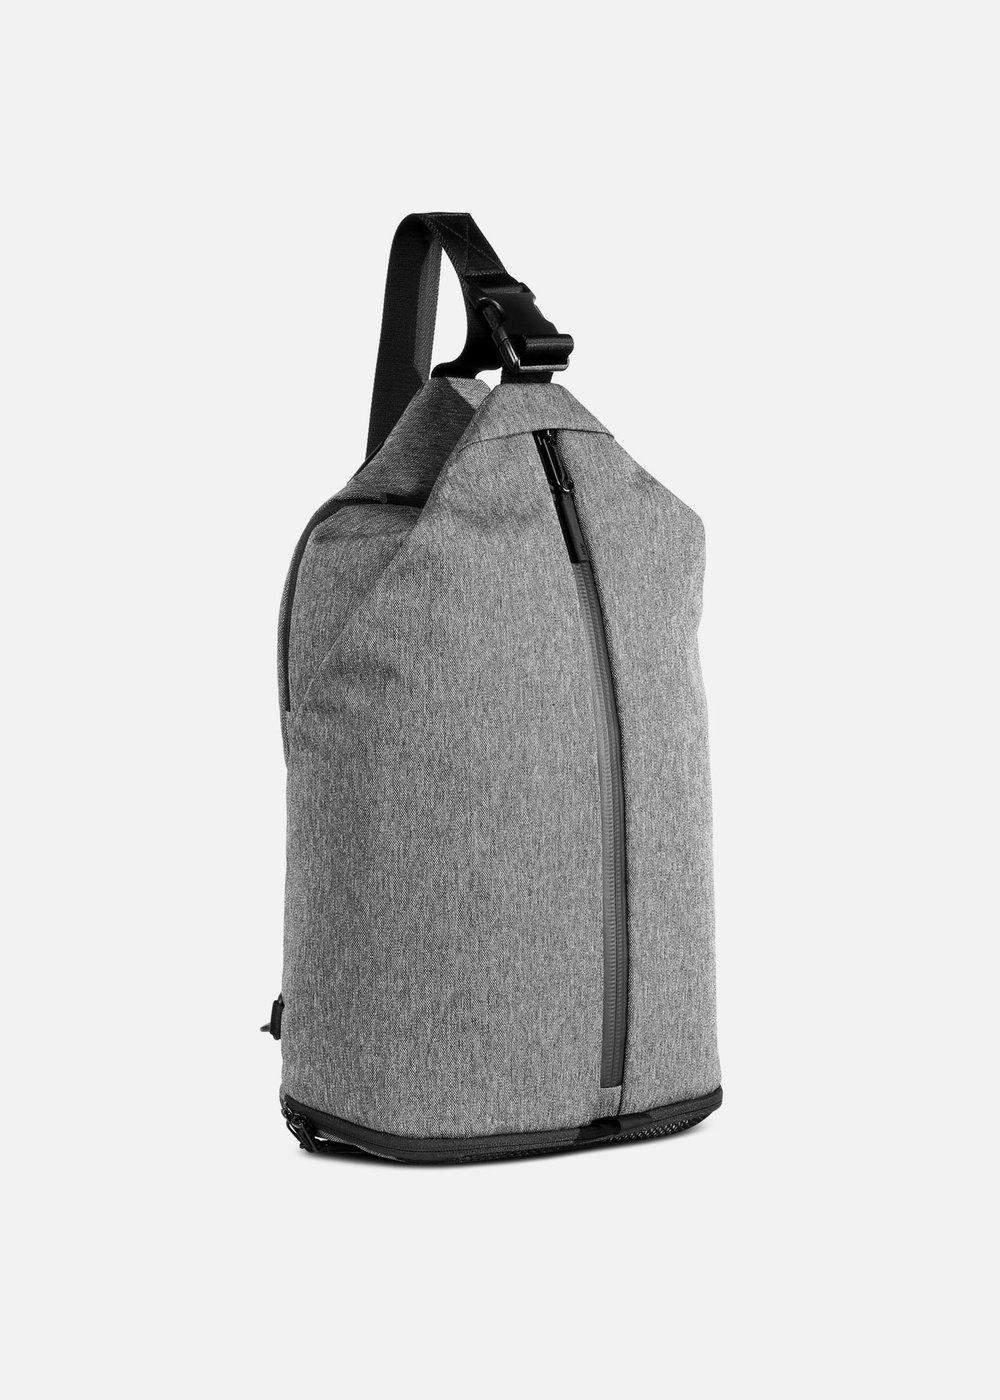 Aer Sling Bag Best Gym Bag